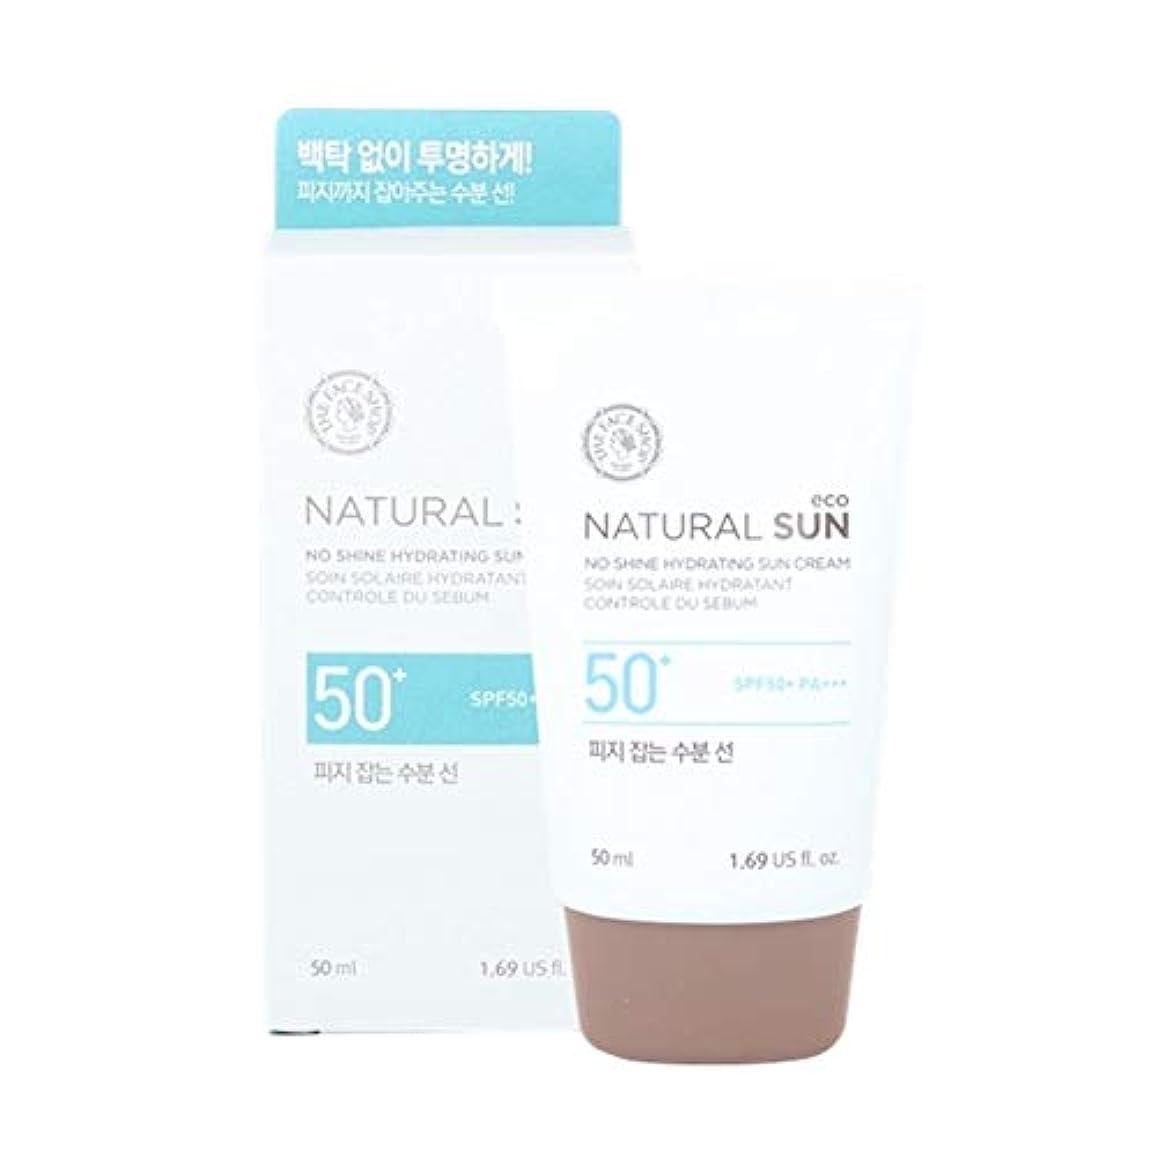 乳白核クールザ?フェイスショップネチュロルソンエコフィジーサン?クリームSPF50+PA+++50ml x 2本セット韓国コスメ、The Face Shop Natural Sun Eco No Shine Hydrating Sun...